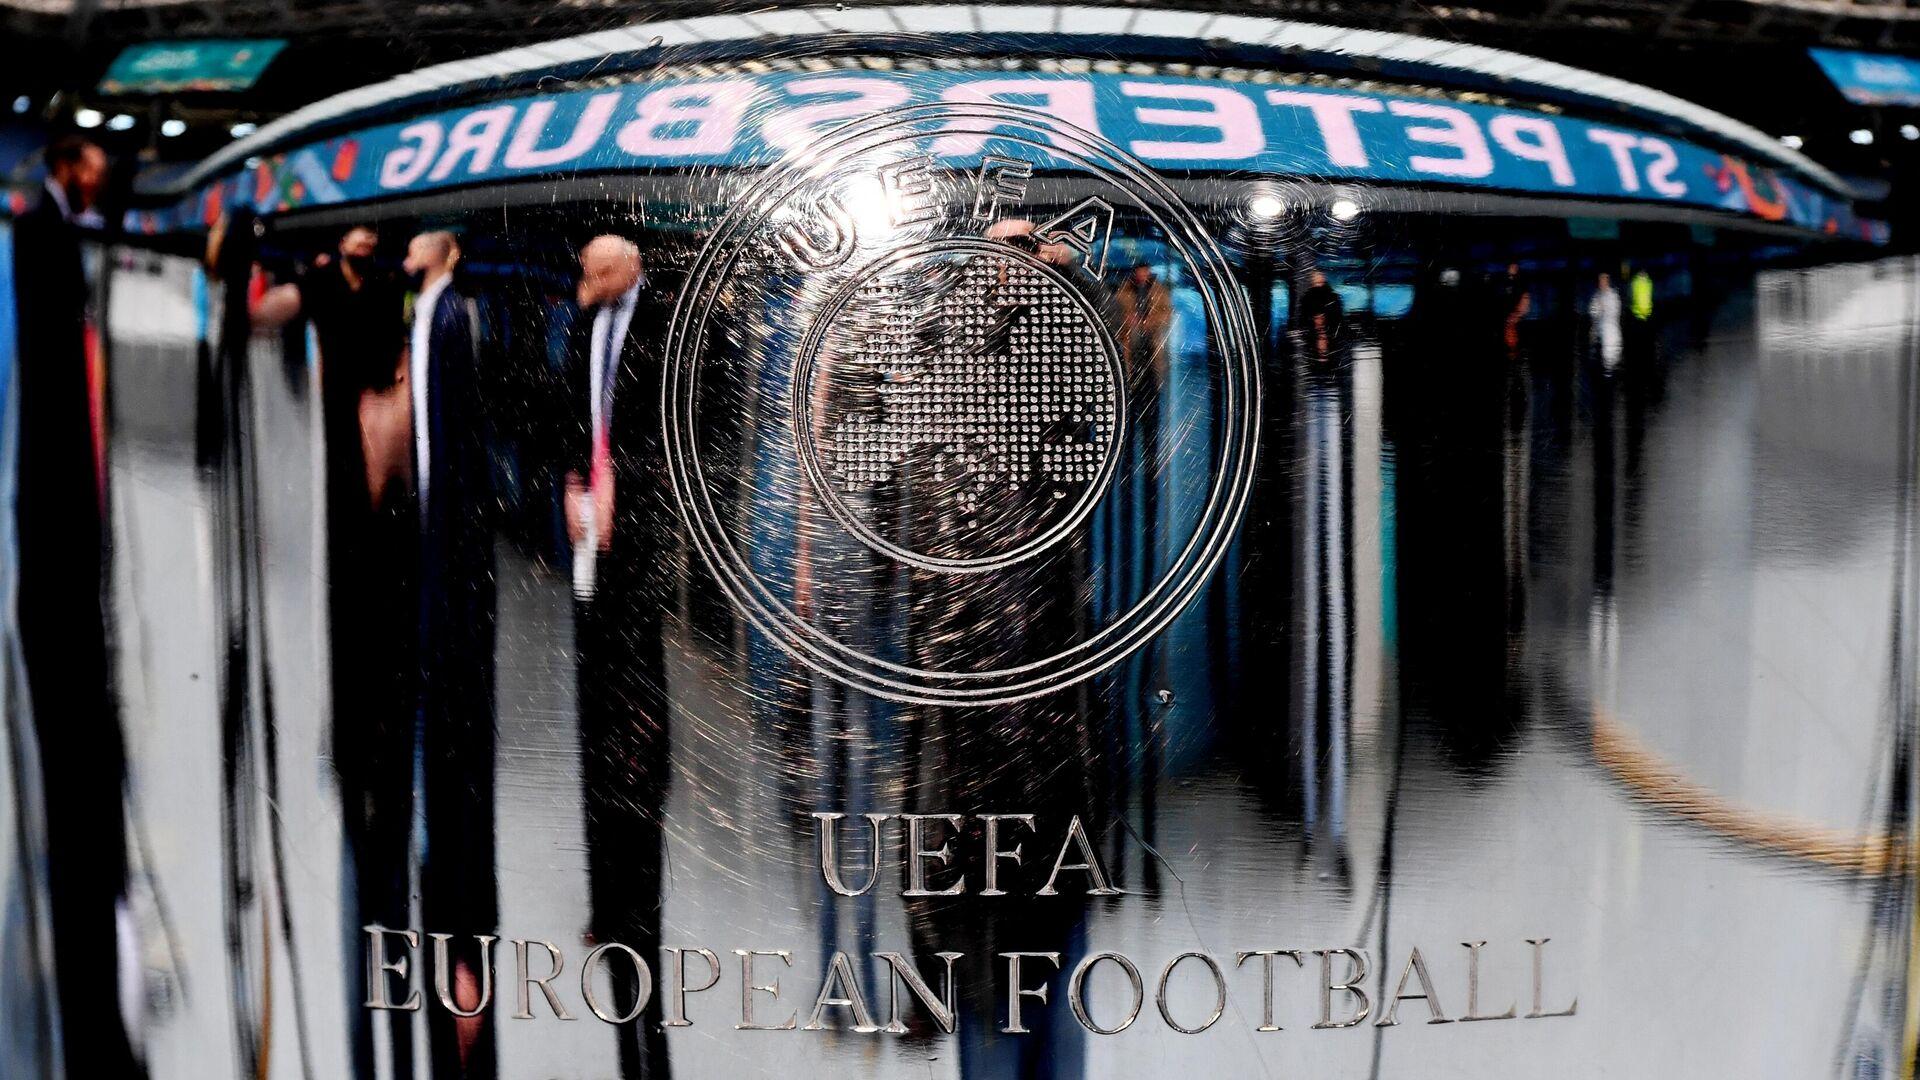 Кубок Европы по футболу представлен в Санкт-Петербурге - РИА Новости, 1920, 22.09.2021